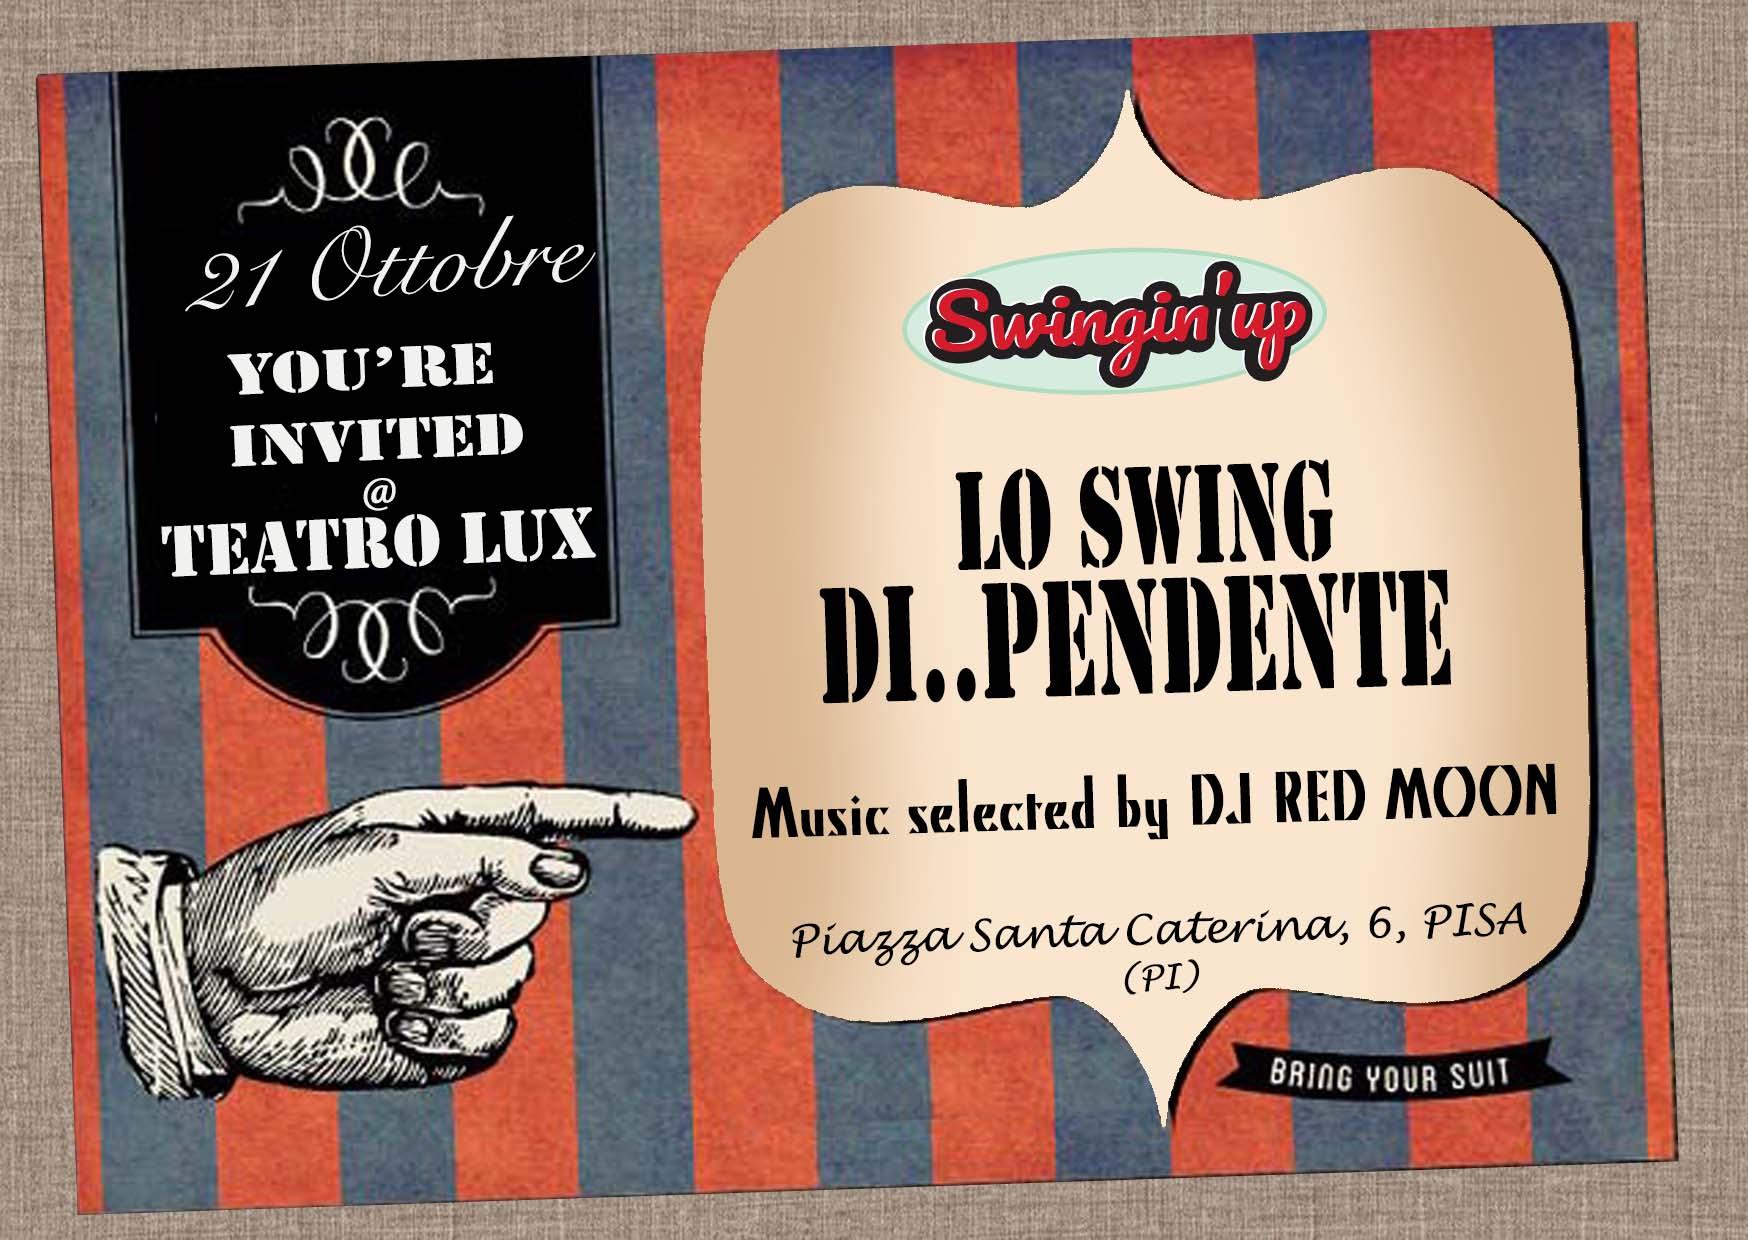 Lo Swing Di.. Pendente @ Teatro Lux - Pisa